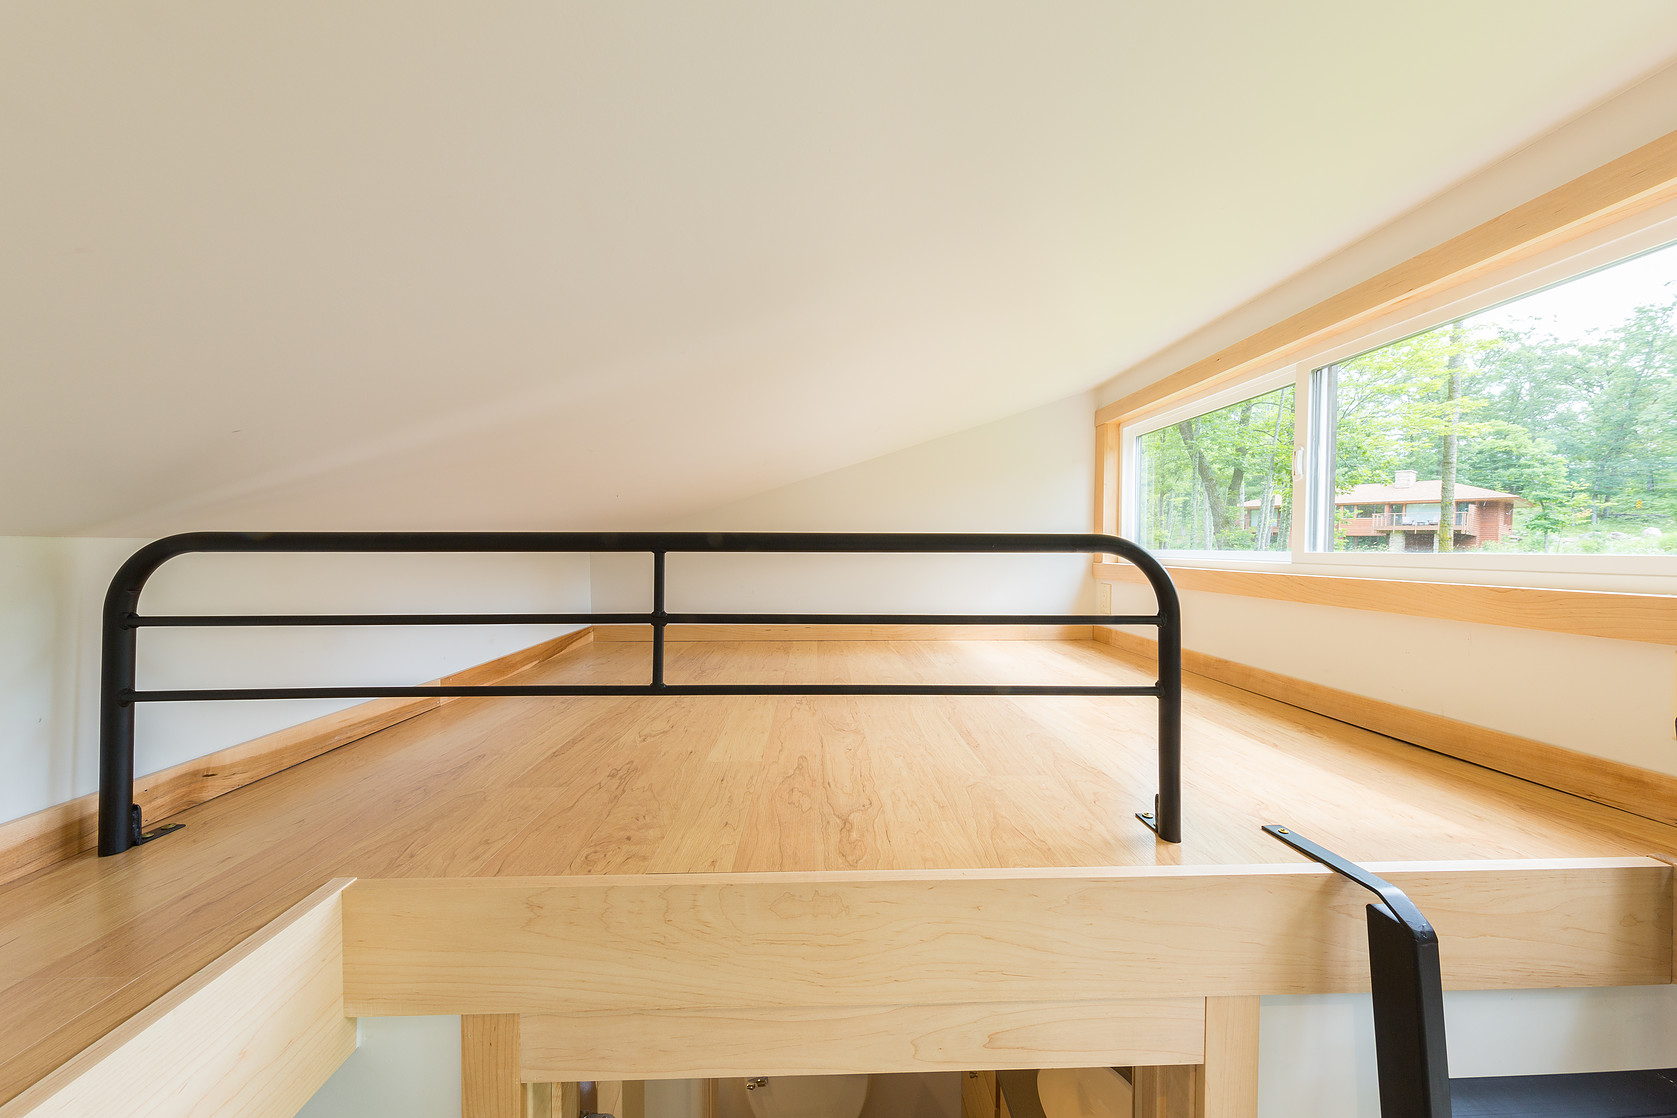 Attic or loft